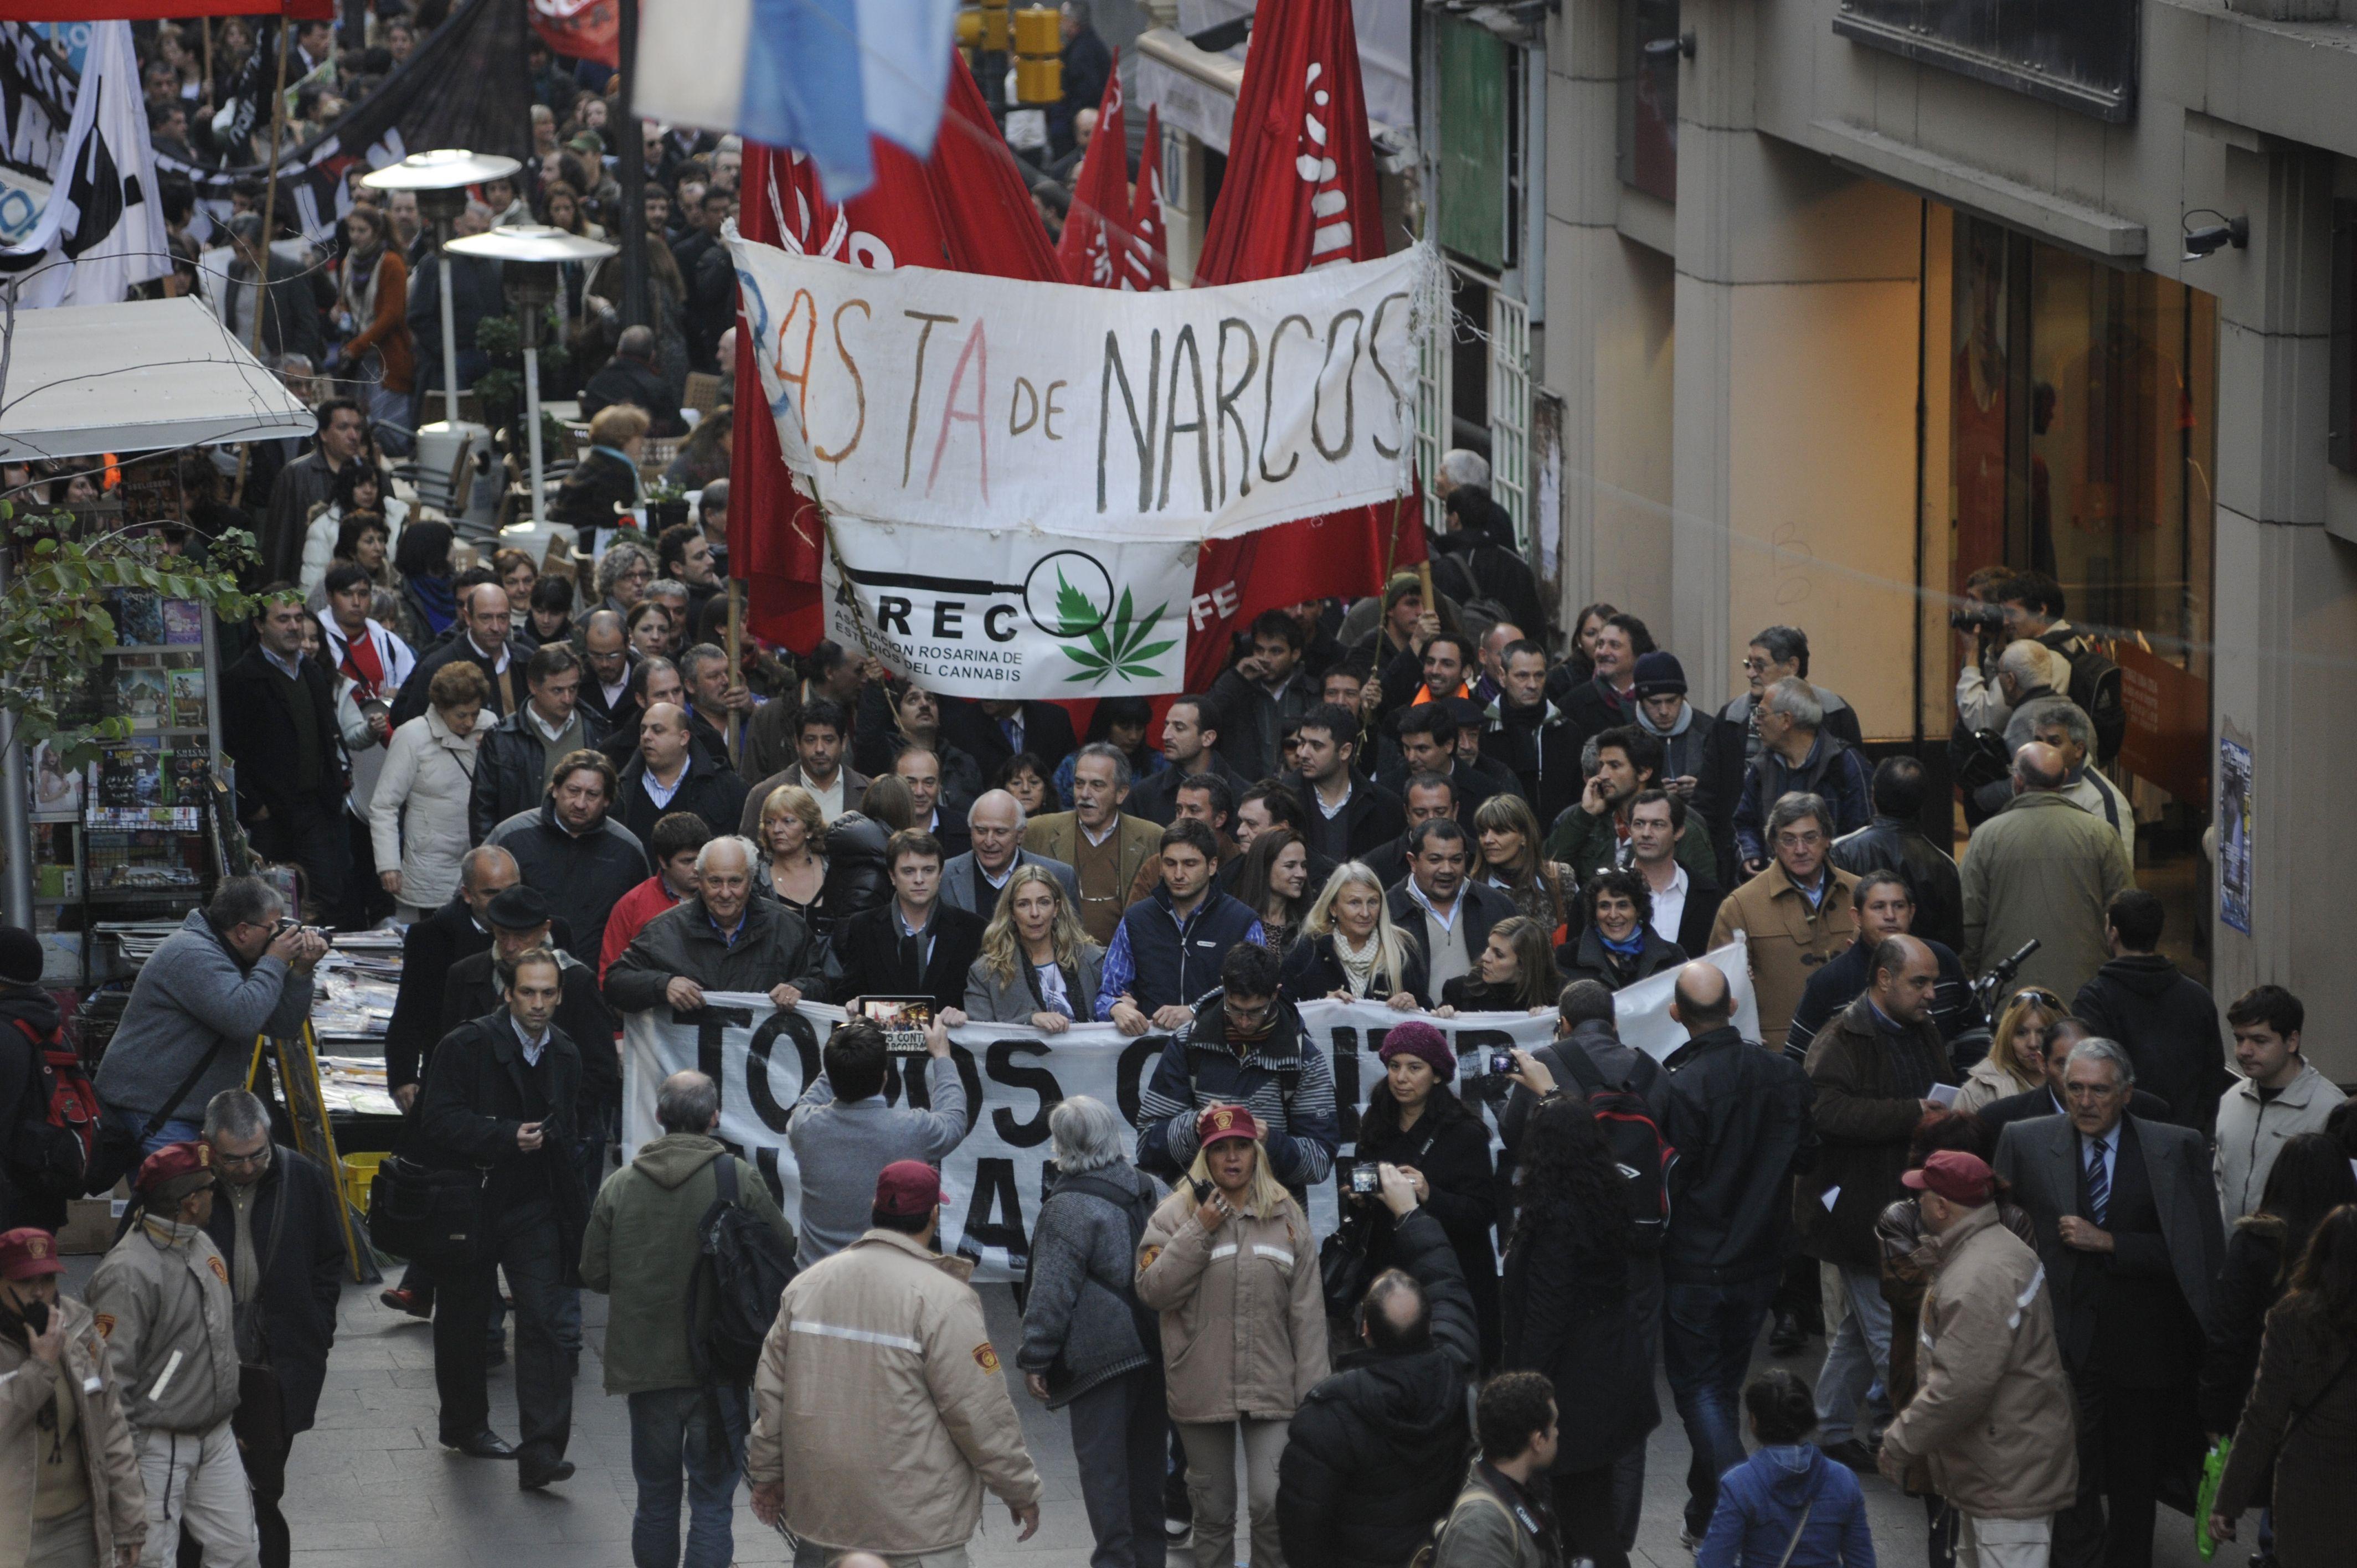 La marcha en contra del narcotráfico llegó hasta el Monumento a la Bander a. (Foto: Celina M. Lovera)